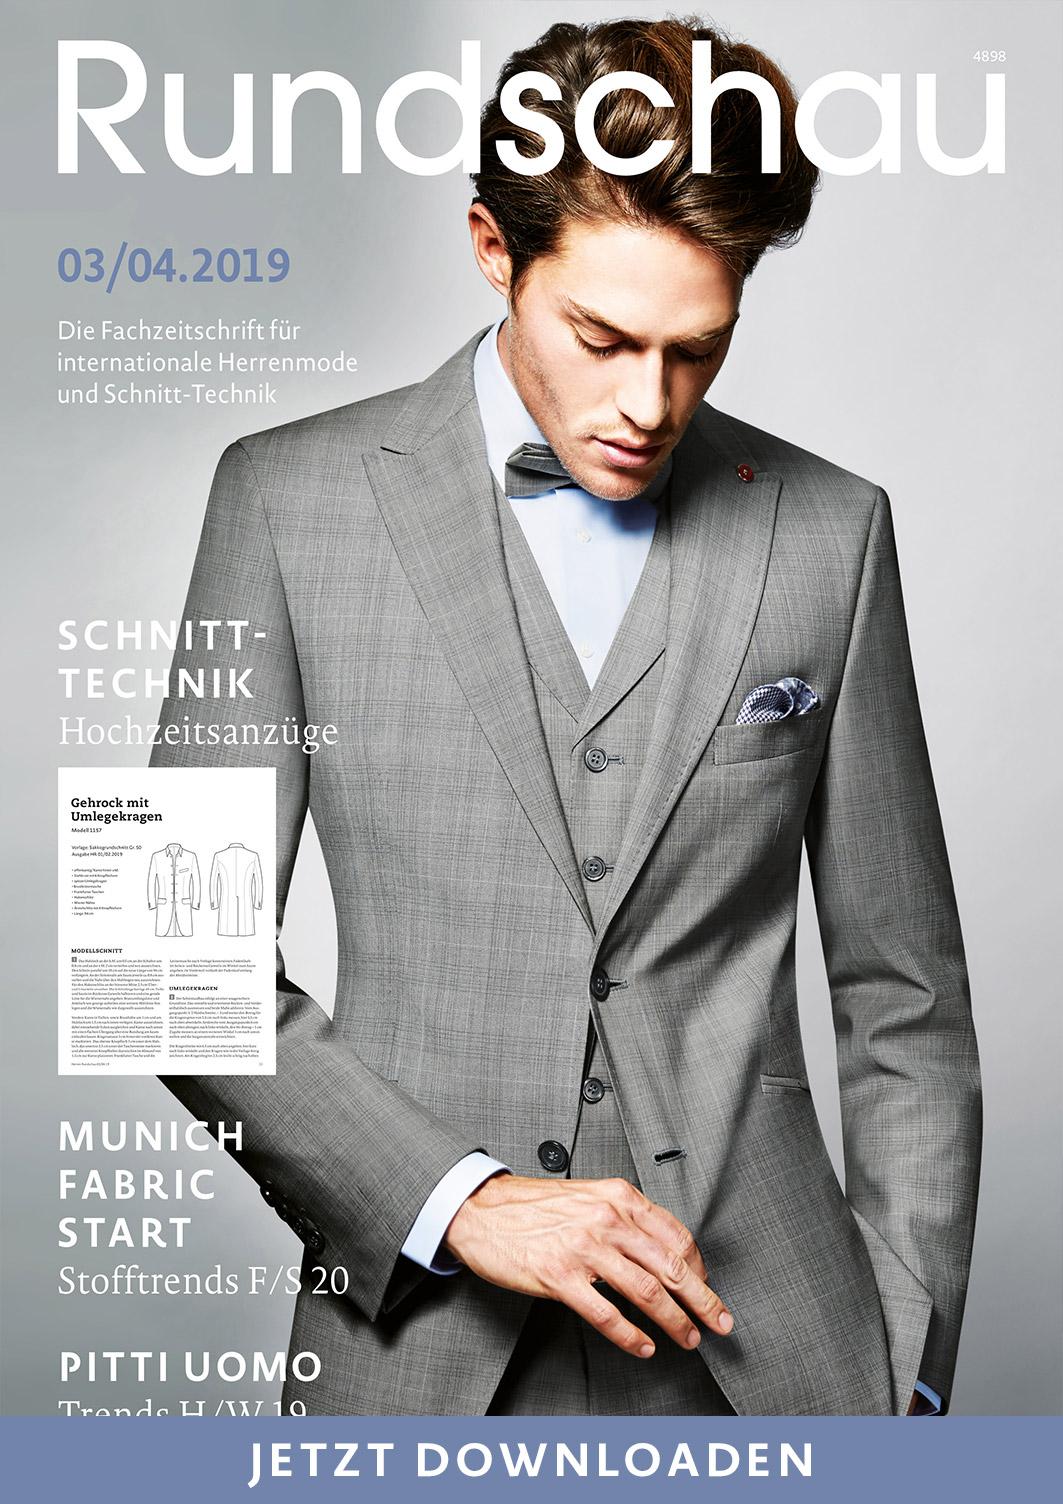 Titel Schnellansicht der Fachzeitschrift für internationale Herrenmode und Schnitt-Technik.